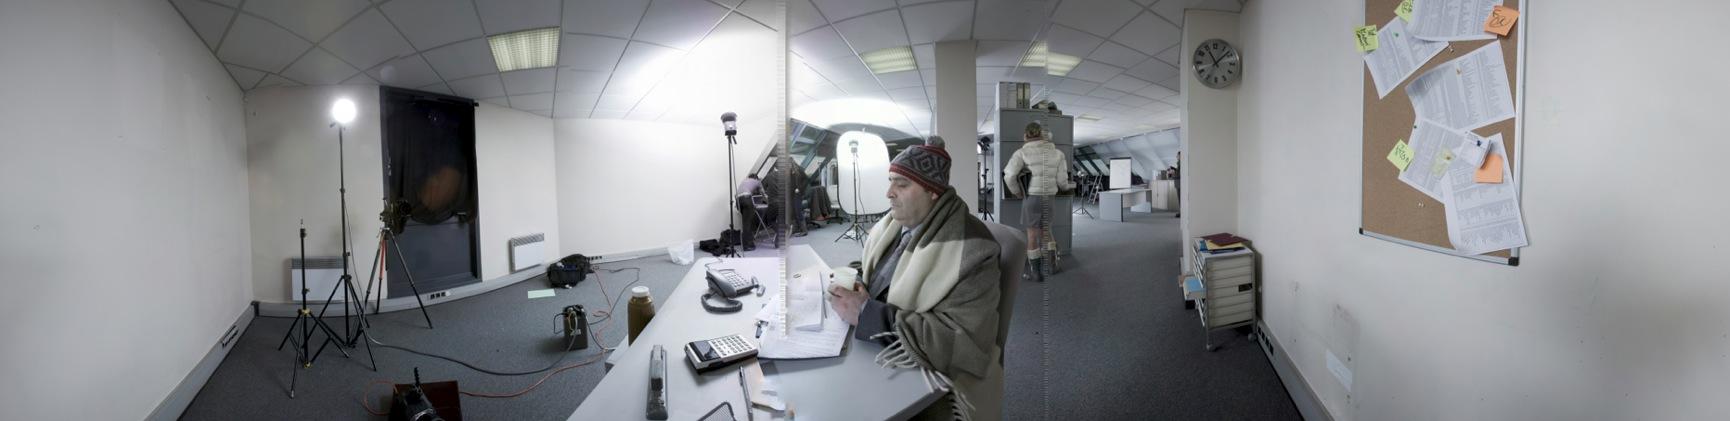 Capture-decran-2011-03-11-a-17.34.02